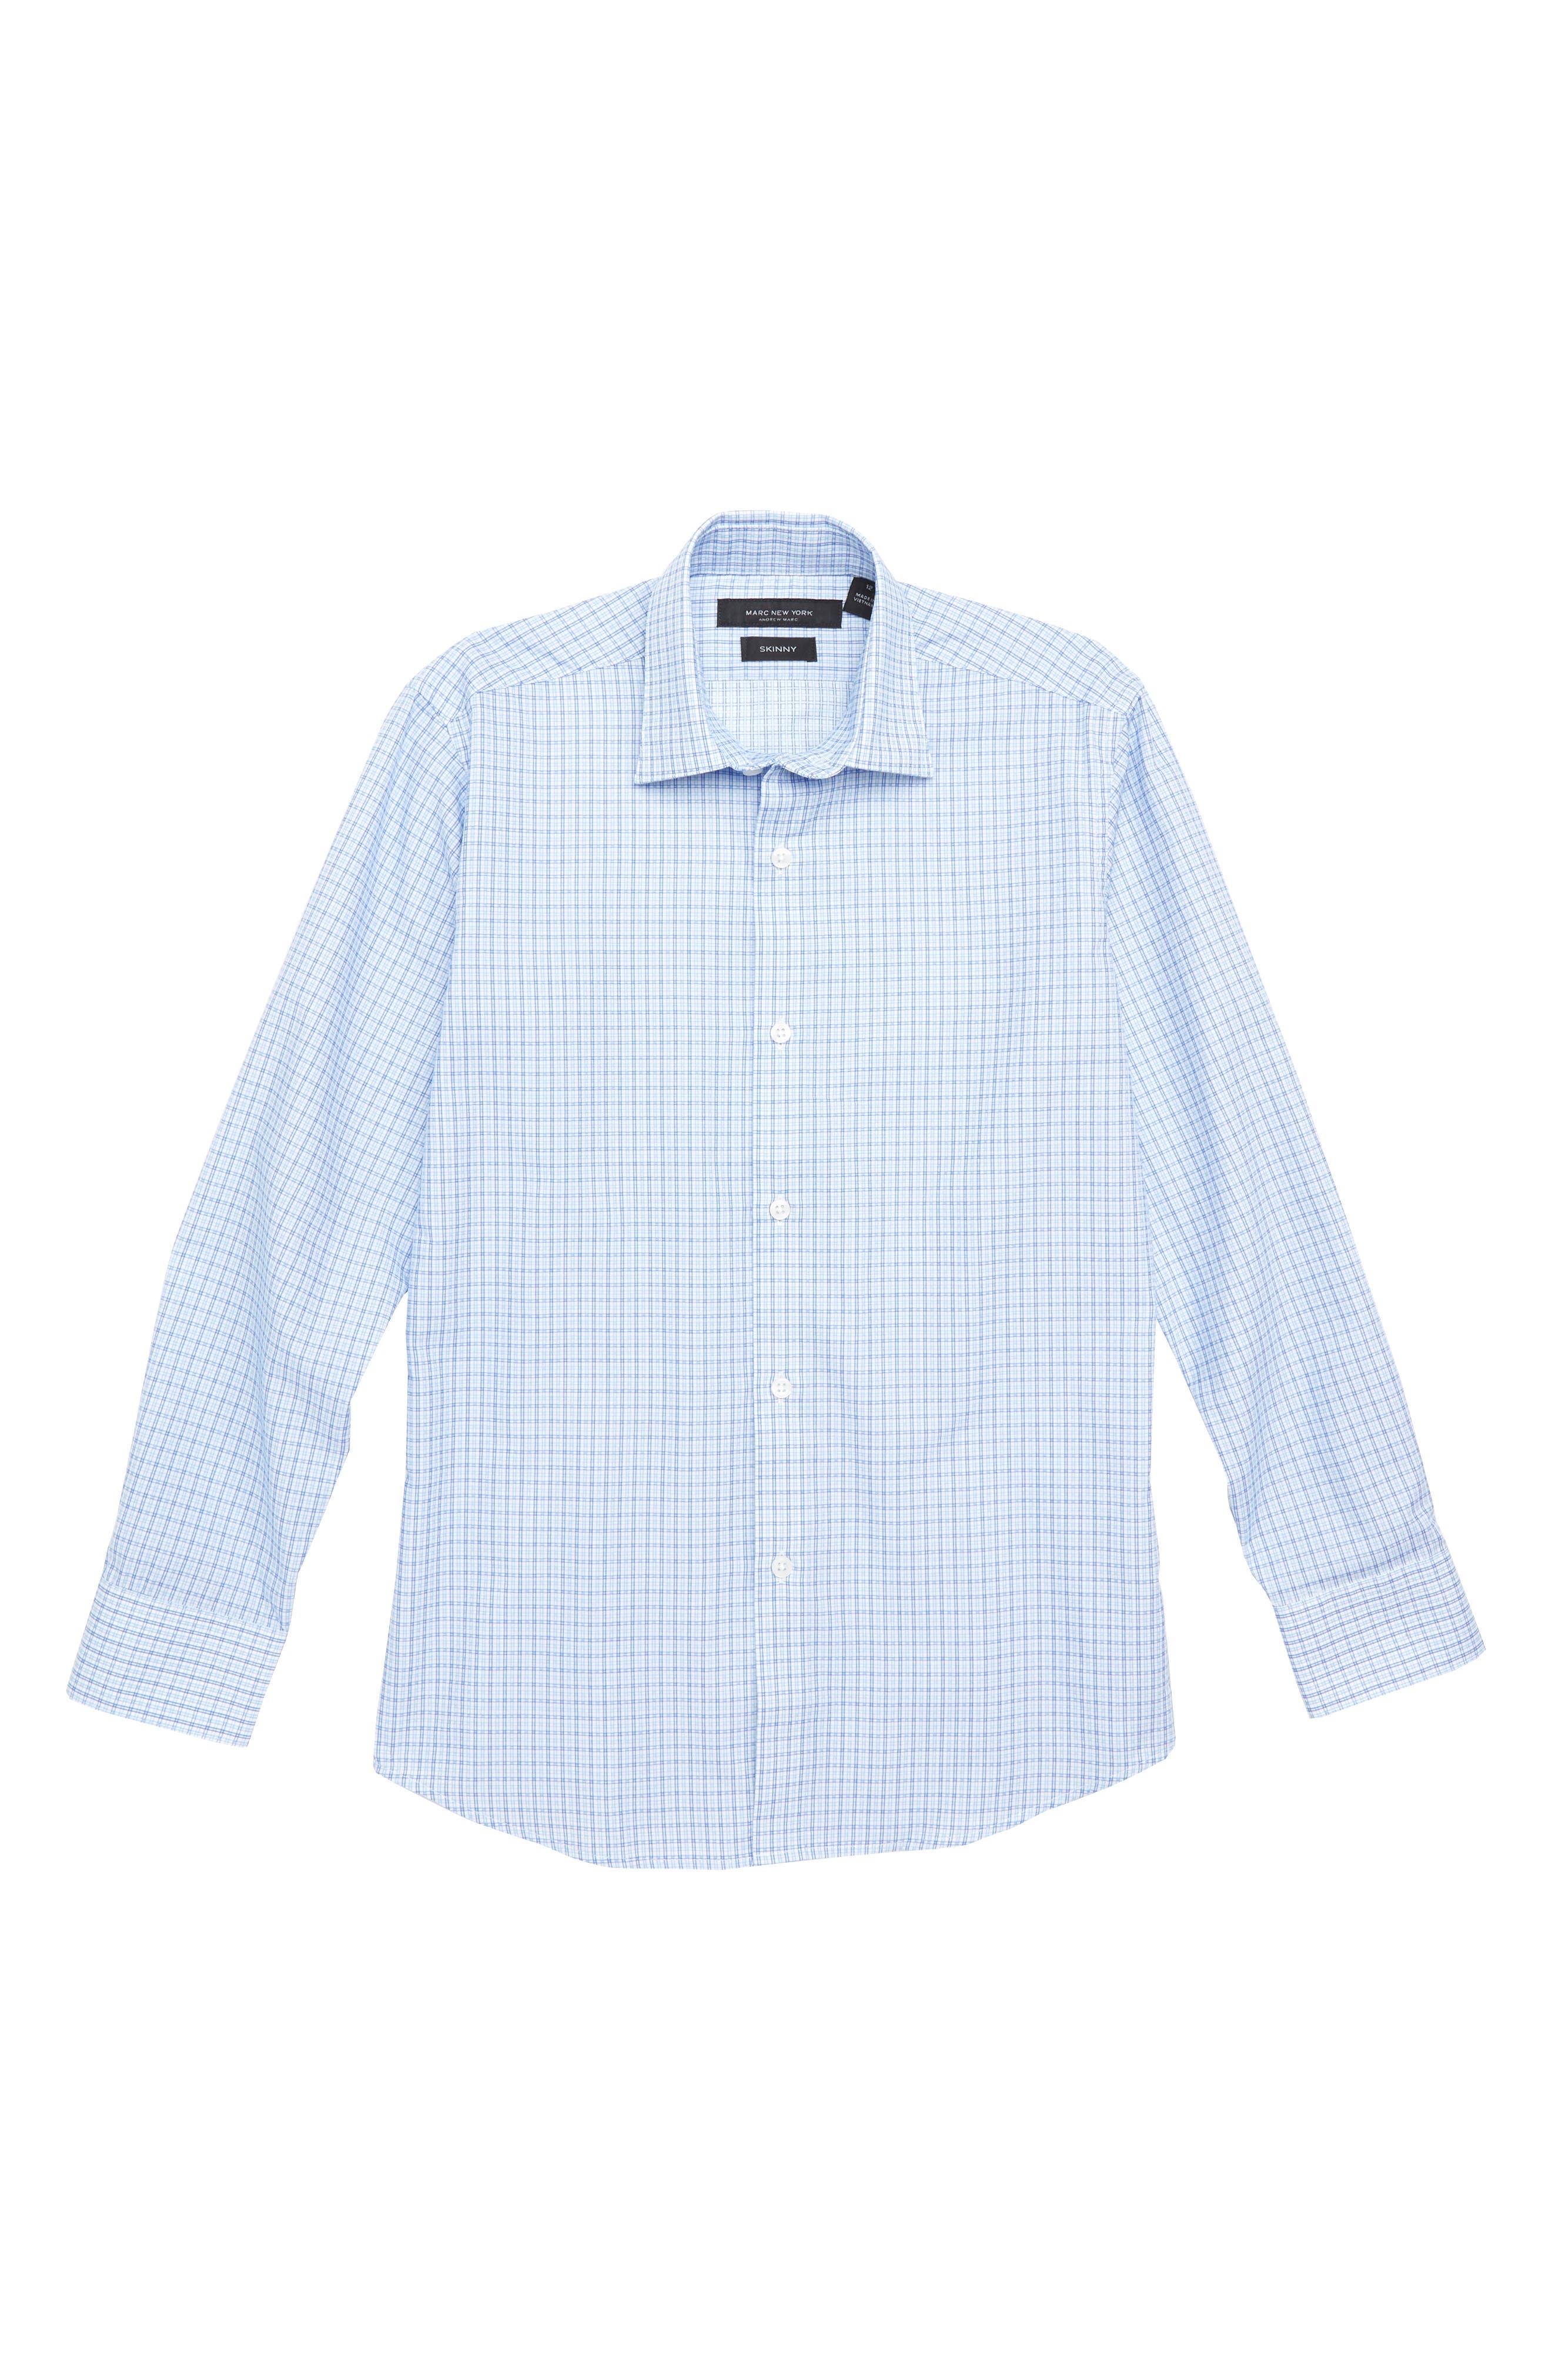 Check Dress Shirt,                         Main,                         color, Royal Blue